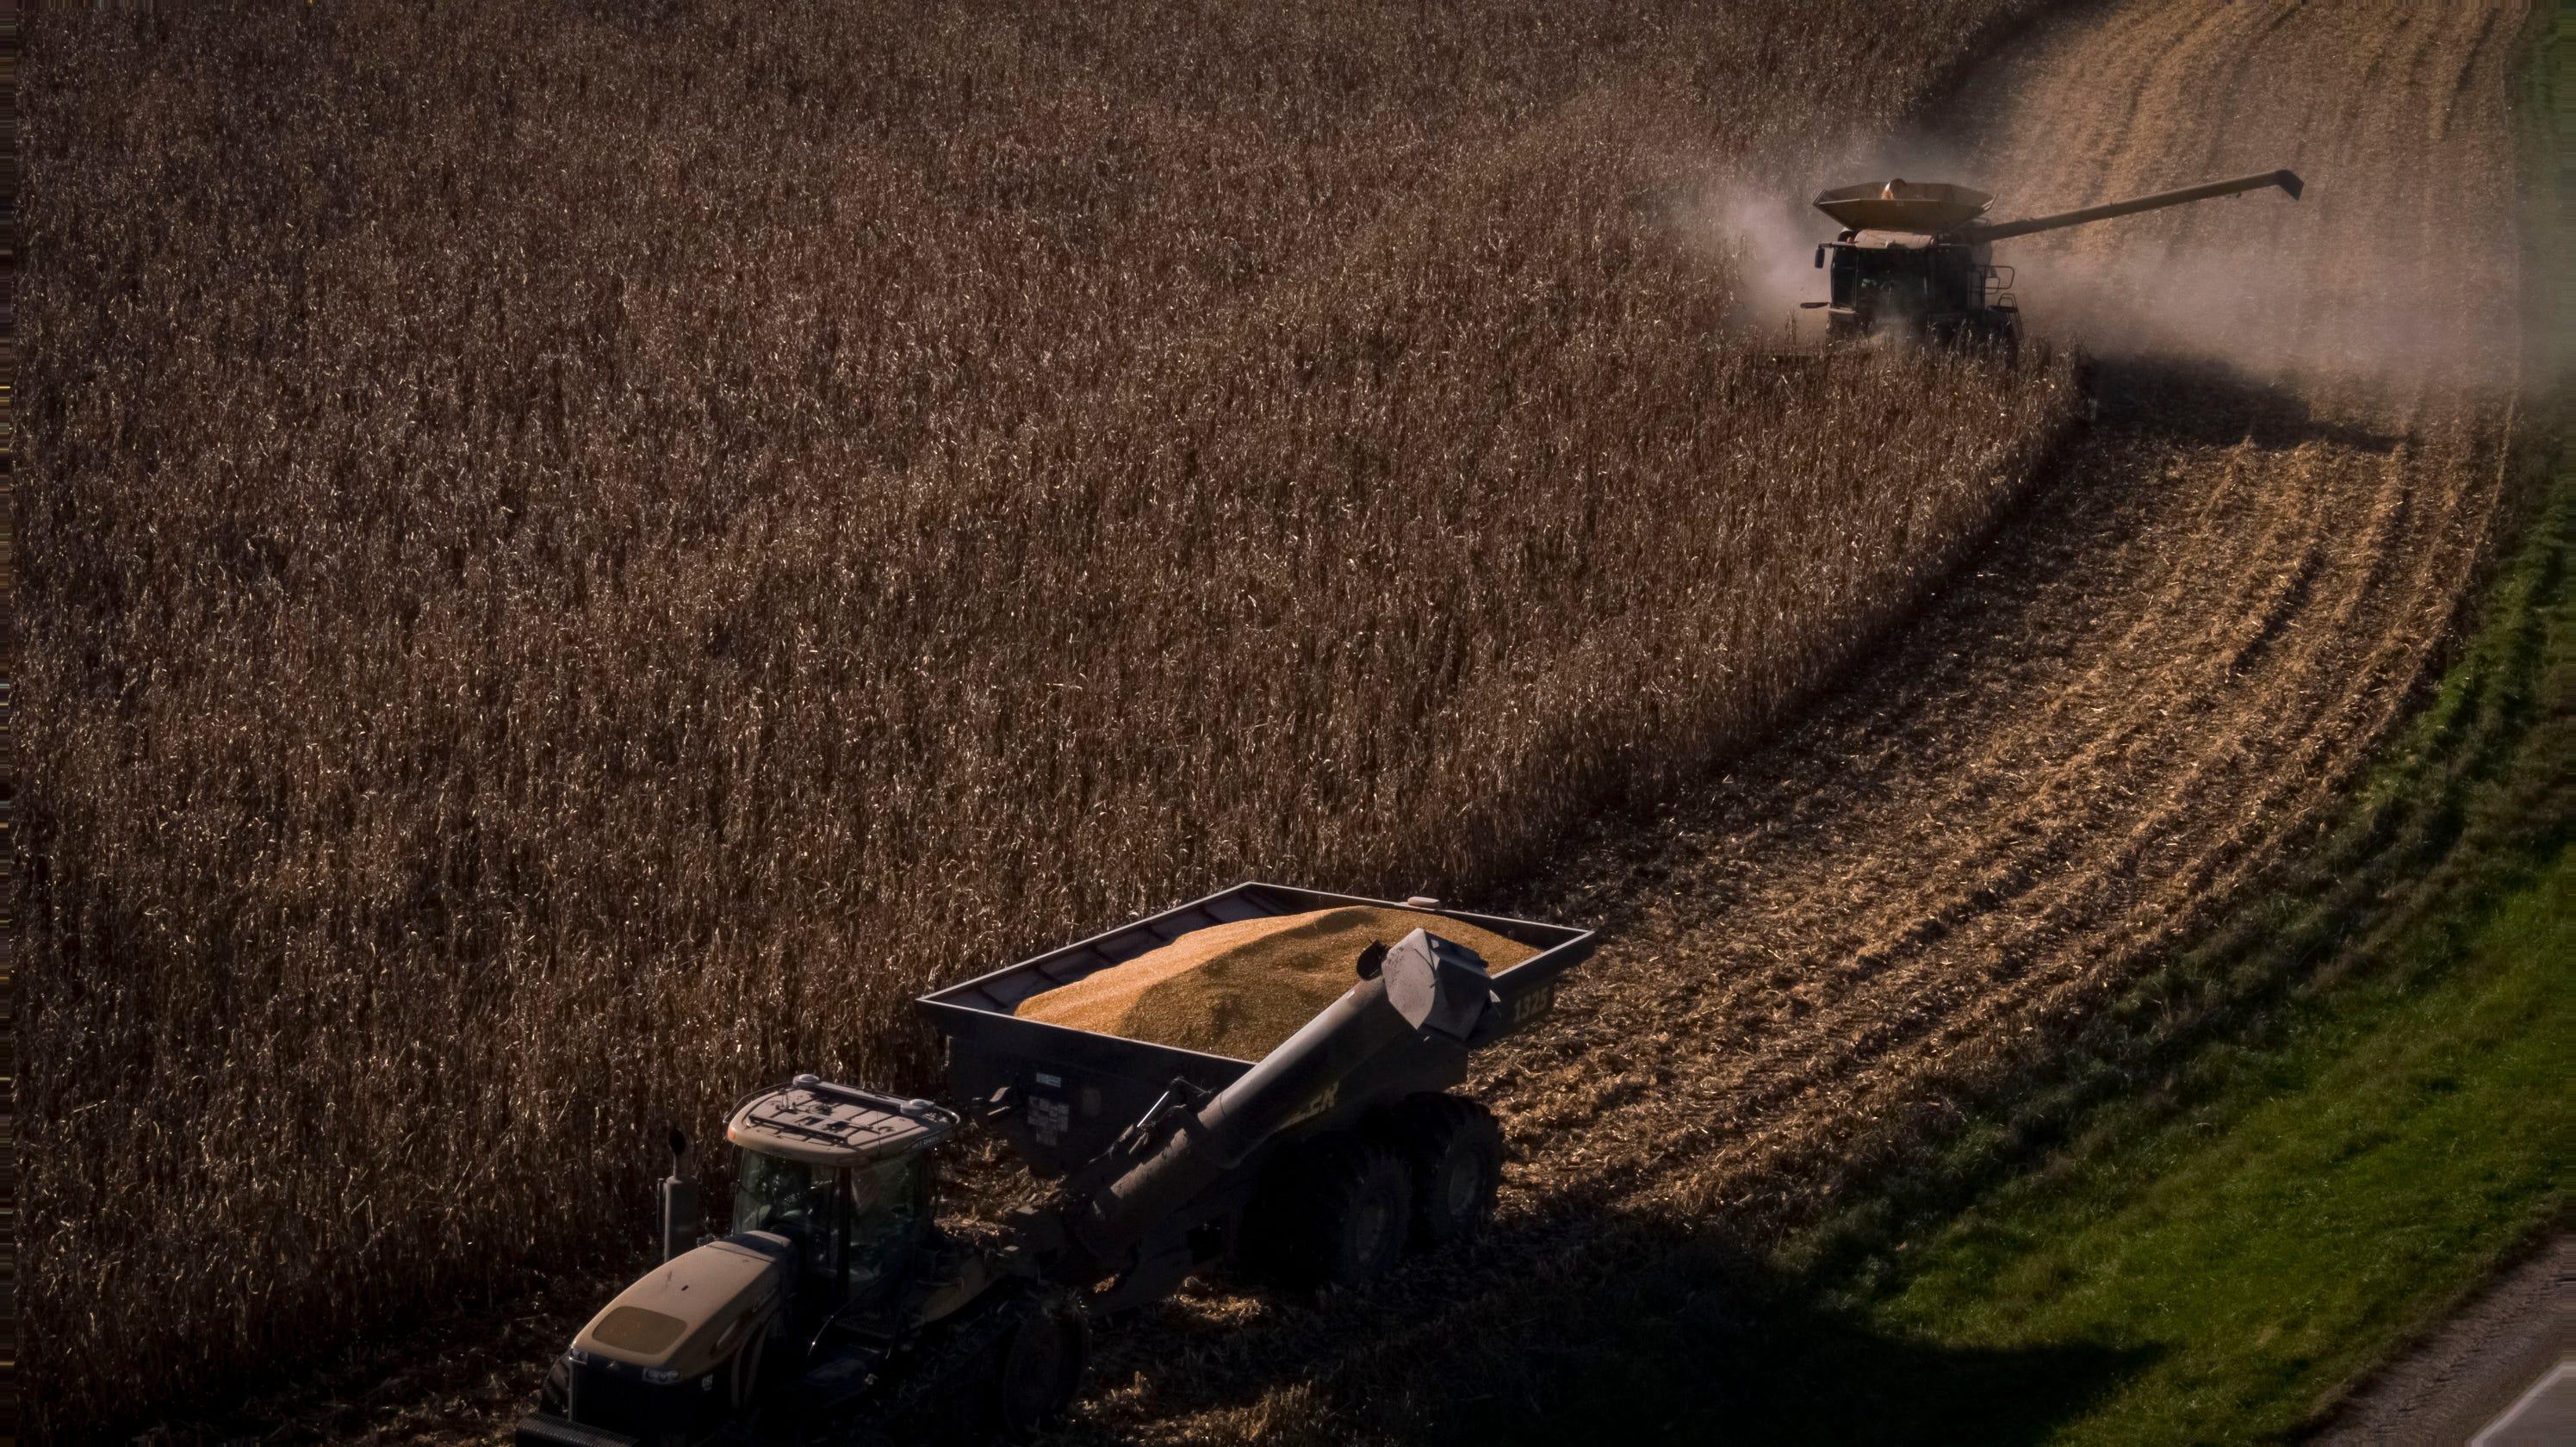 The Heritage Farm Program recognizes the Iowa family farm legacy